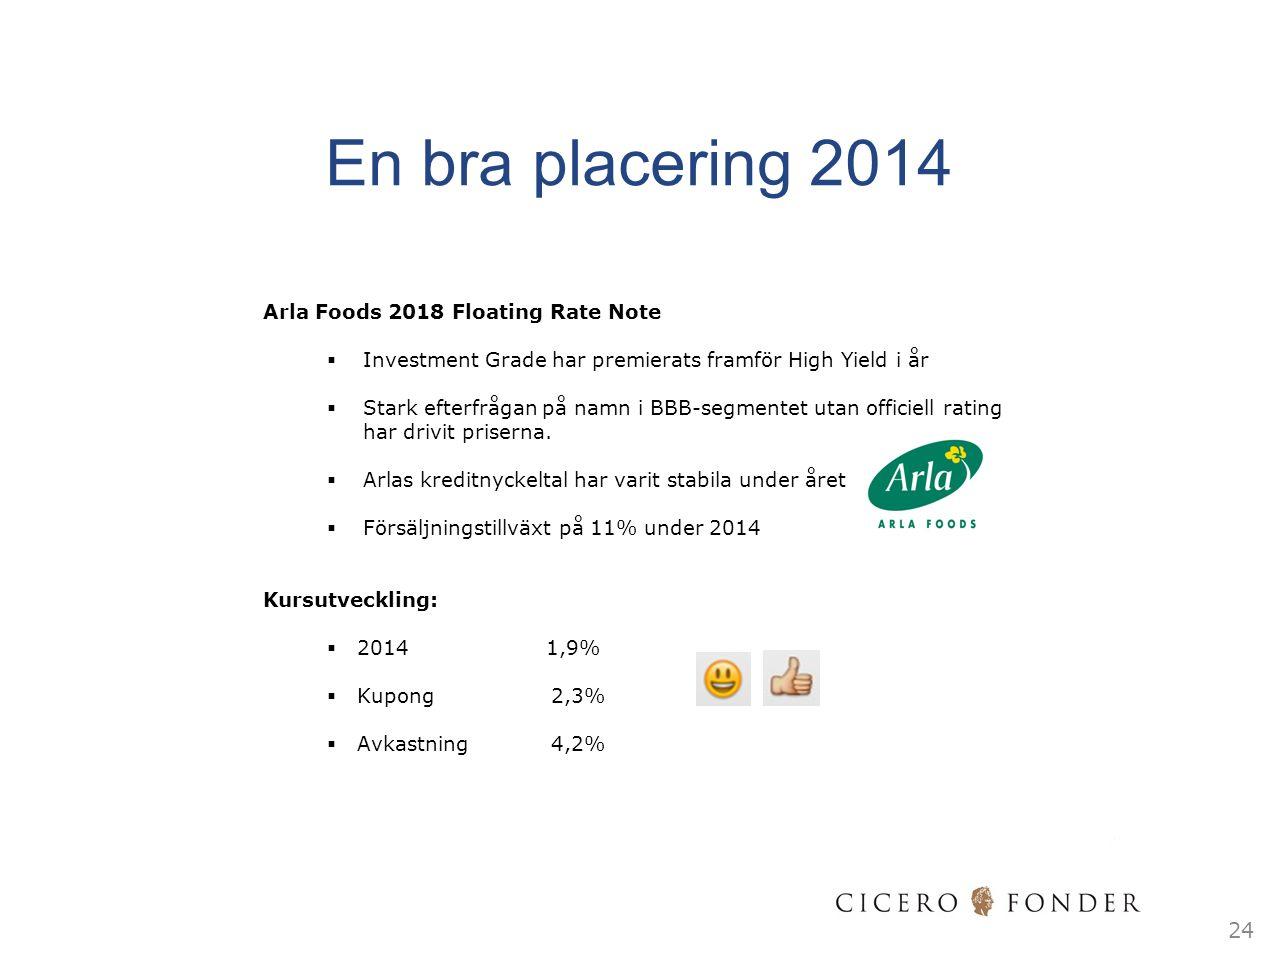 24 Arla Foods 2018 Floating Rate Note  Investment Grade har premierats framför High Yield i år  Stark efterfrågan på namn i BBB-segmentet utan officiell rating har drivit priserna.